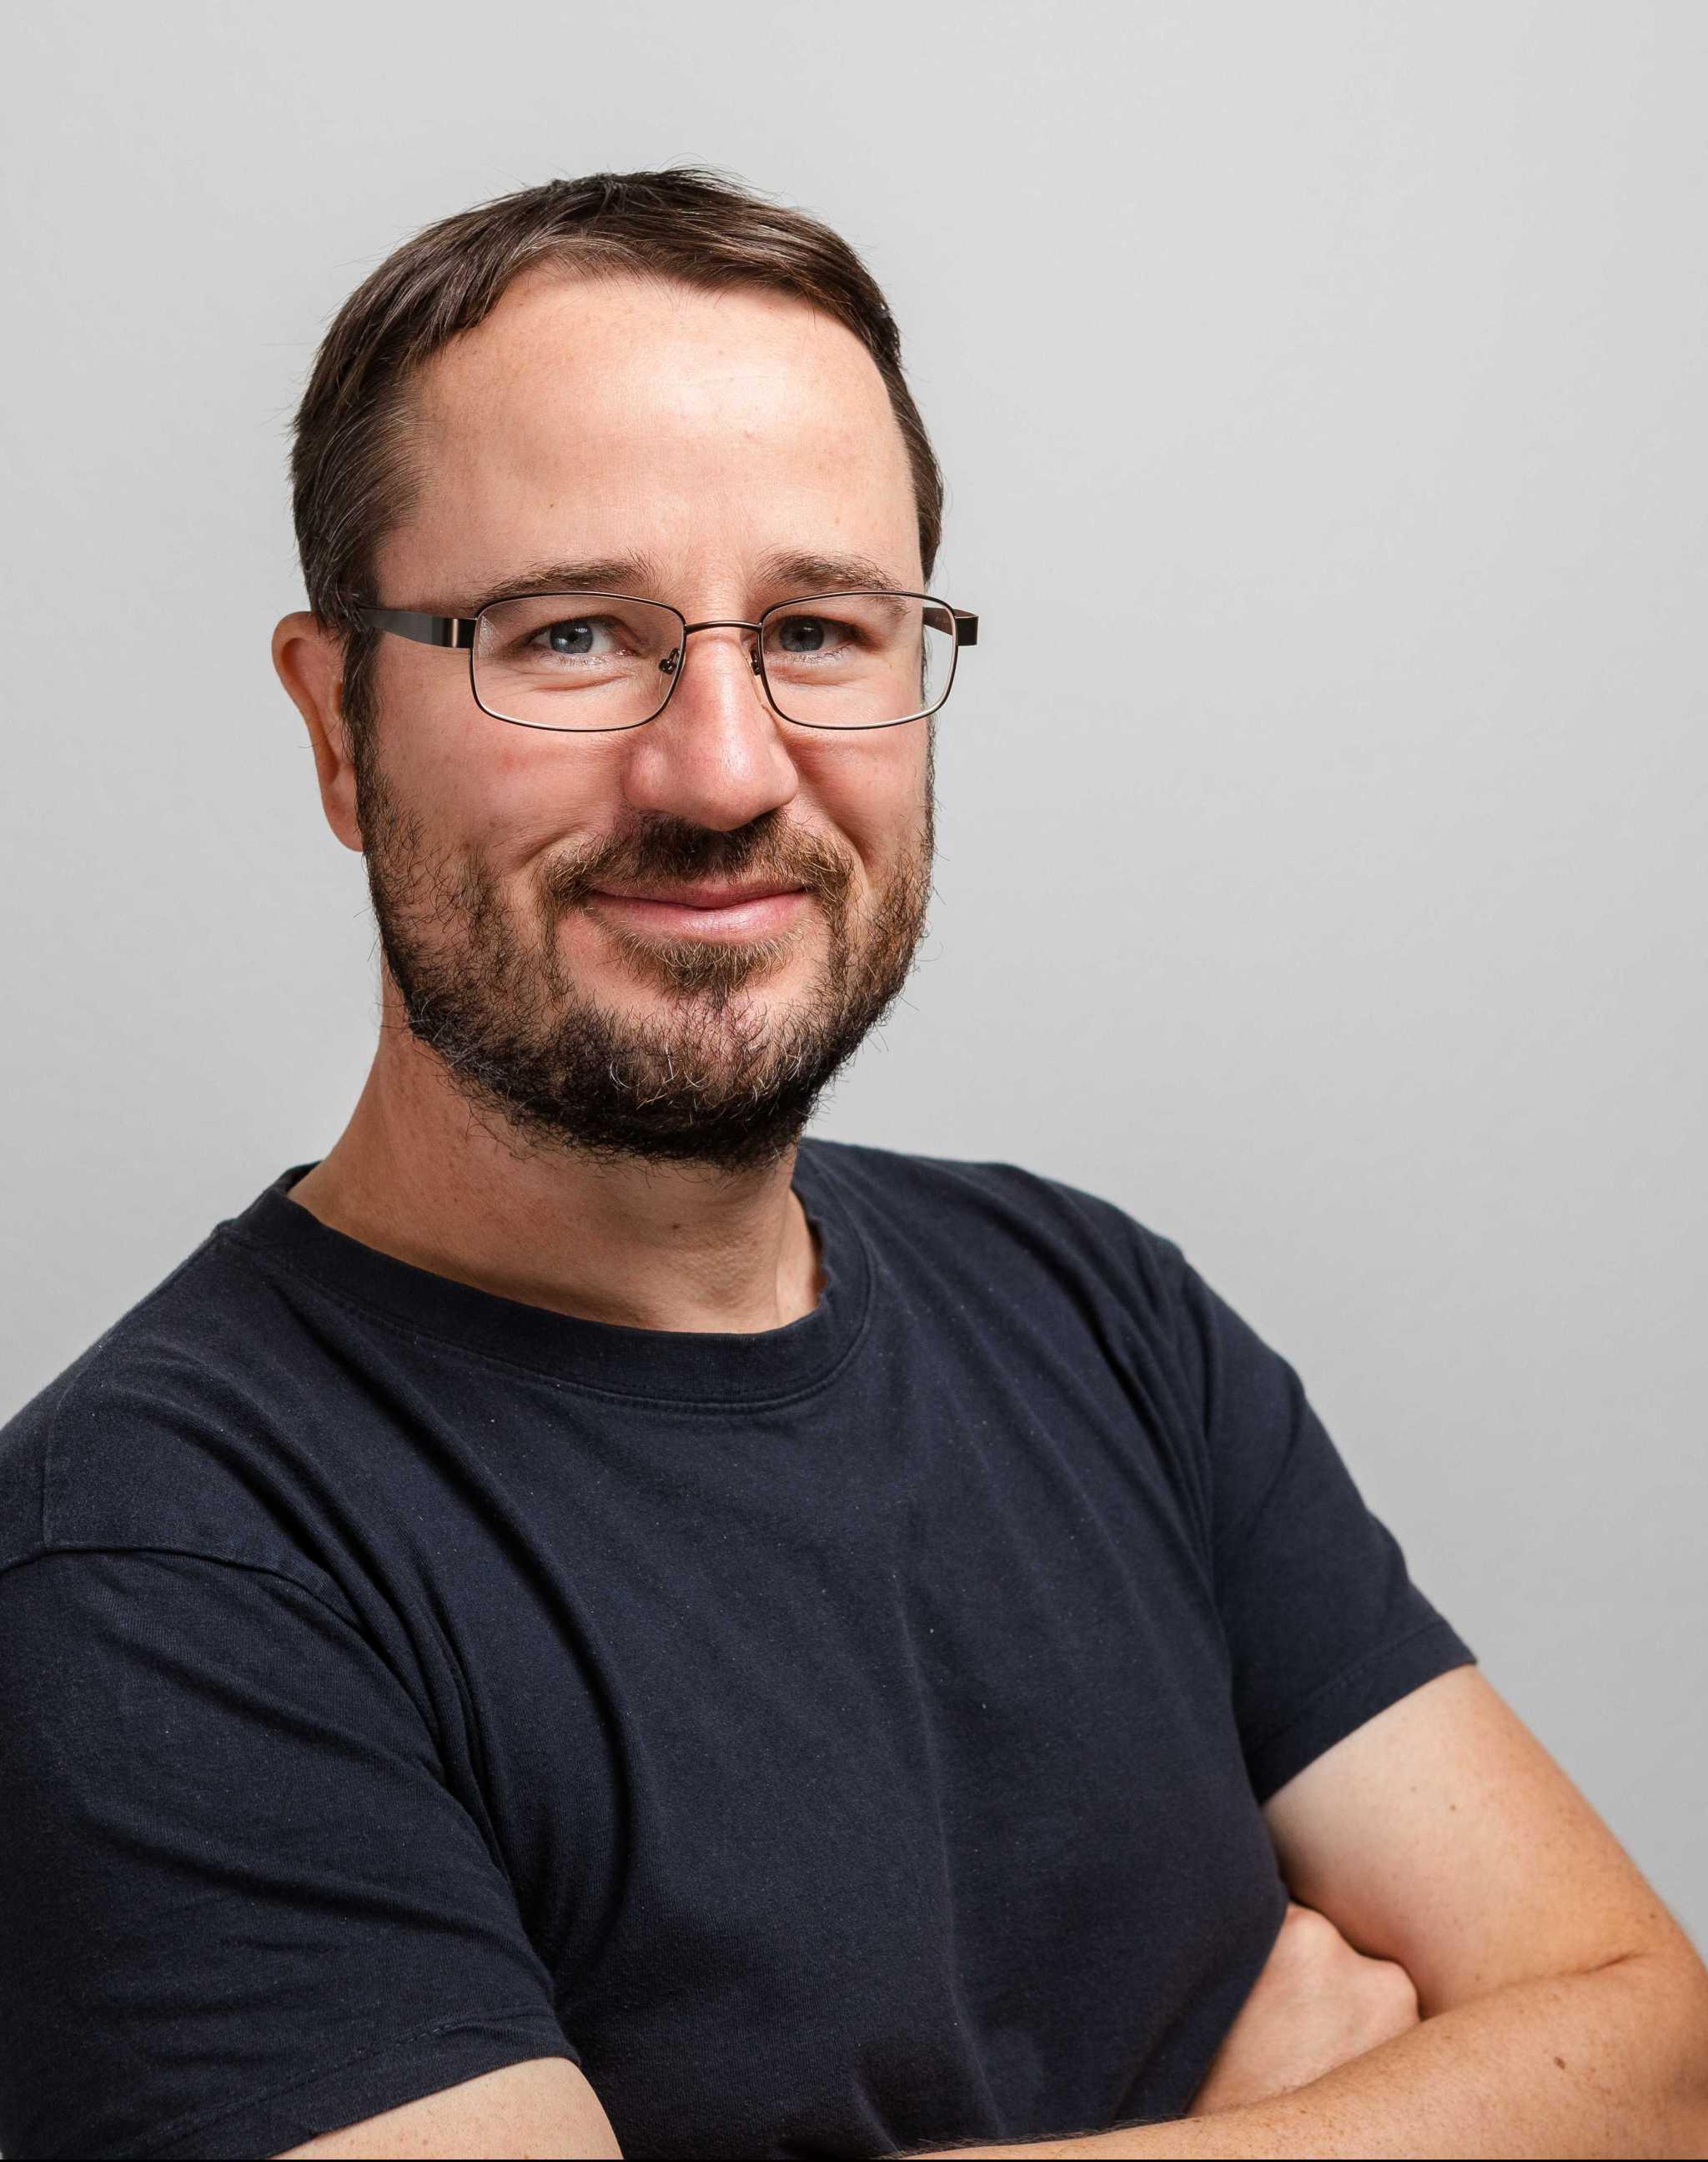 Ben Schaffer